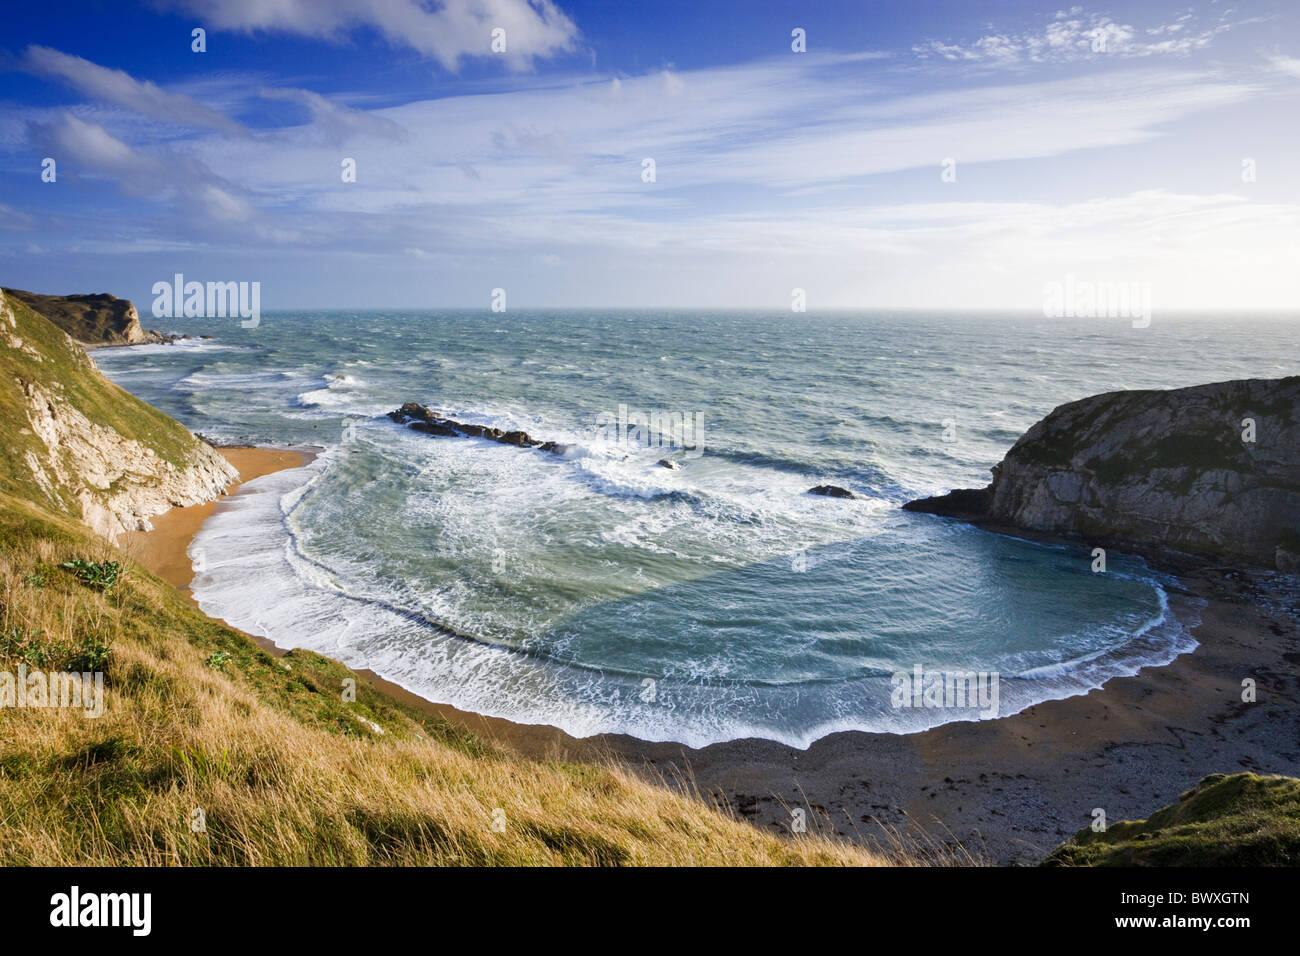 Man o' War Cove (st oswald's Bay), Dorset, UK Photo Stock